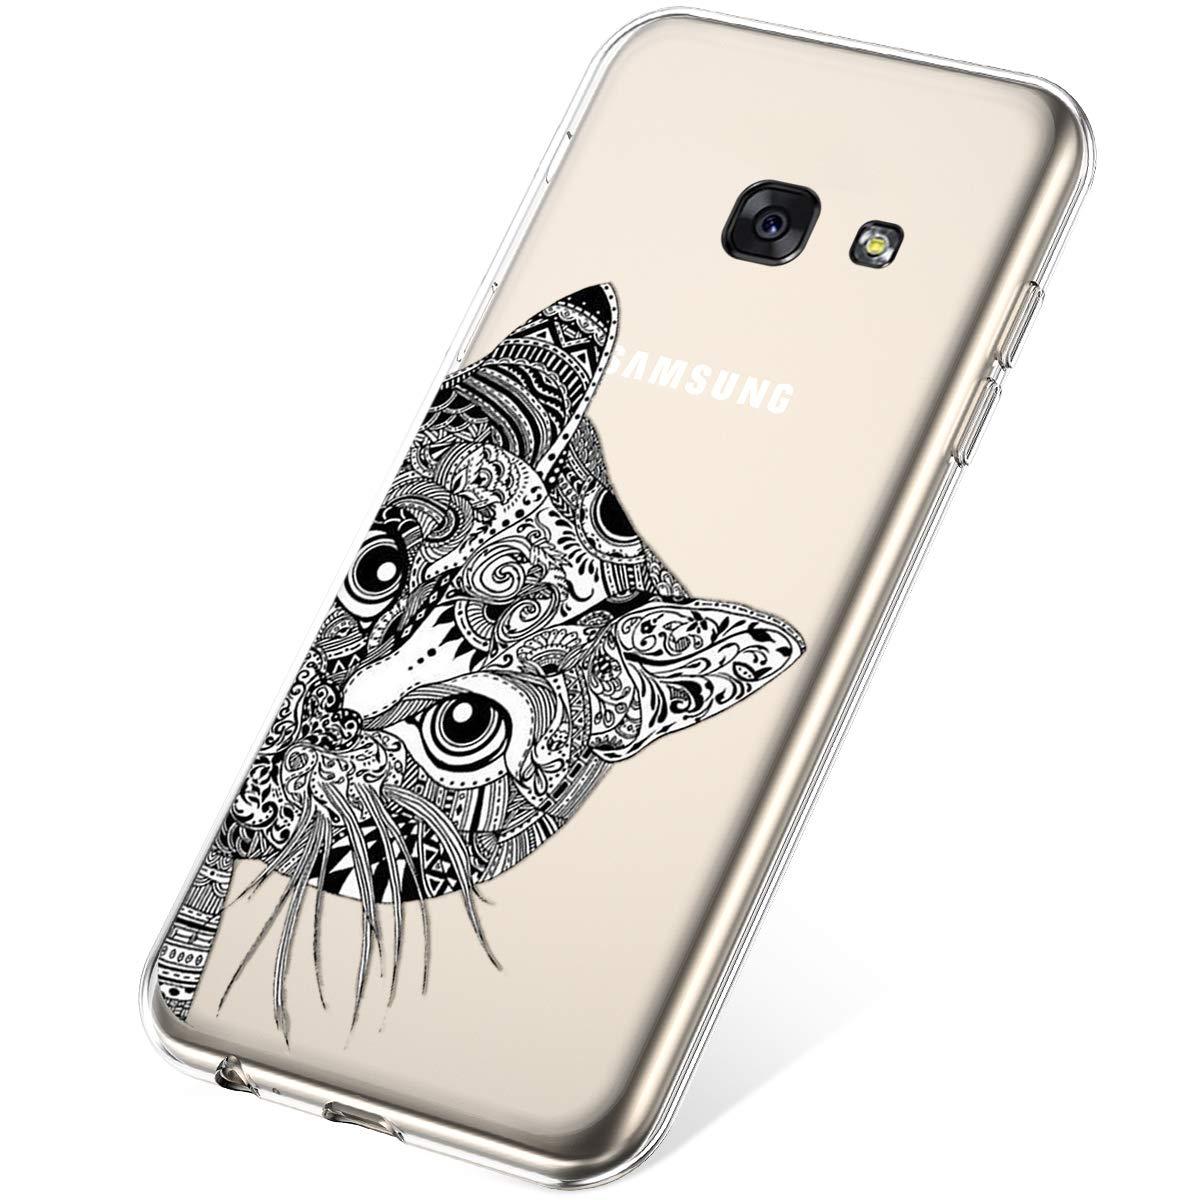 Felfy Etui Compatible avec Samsung Galaxy A3 2017,Coque Galaxy A3 2017 Transparente Silicone Housse de Protection Ultra Mince en Caoutchouc Souple Coquille Anti Choc T/él/éphone Bumper Case,Fleur